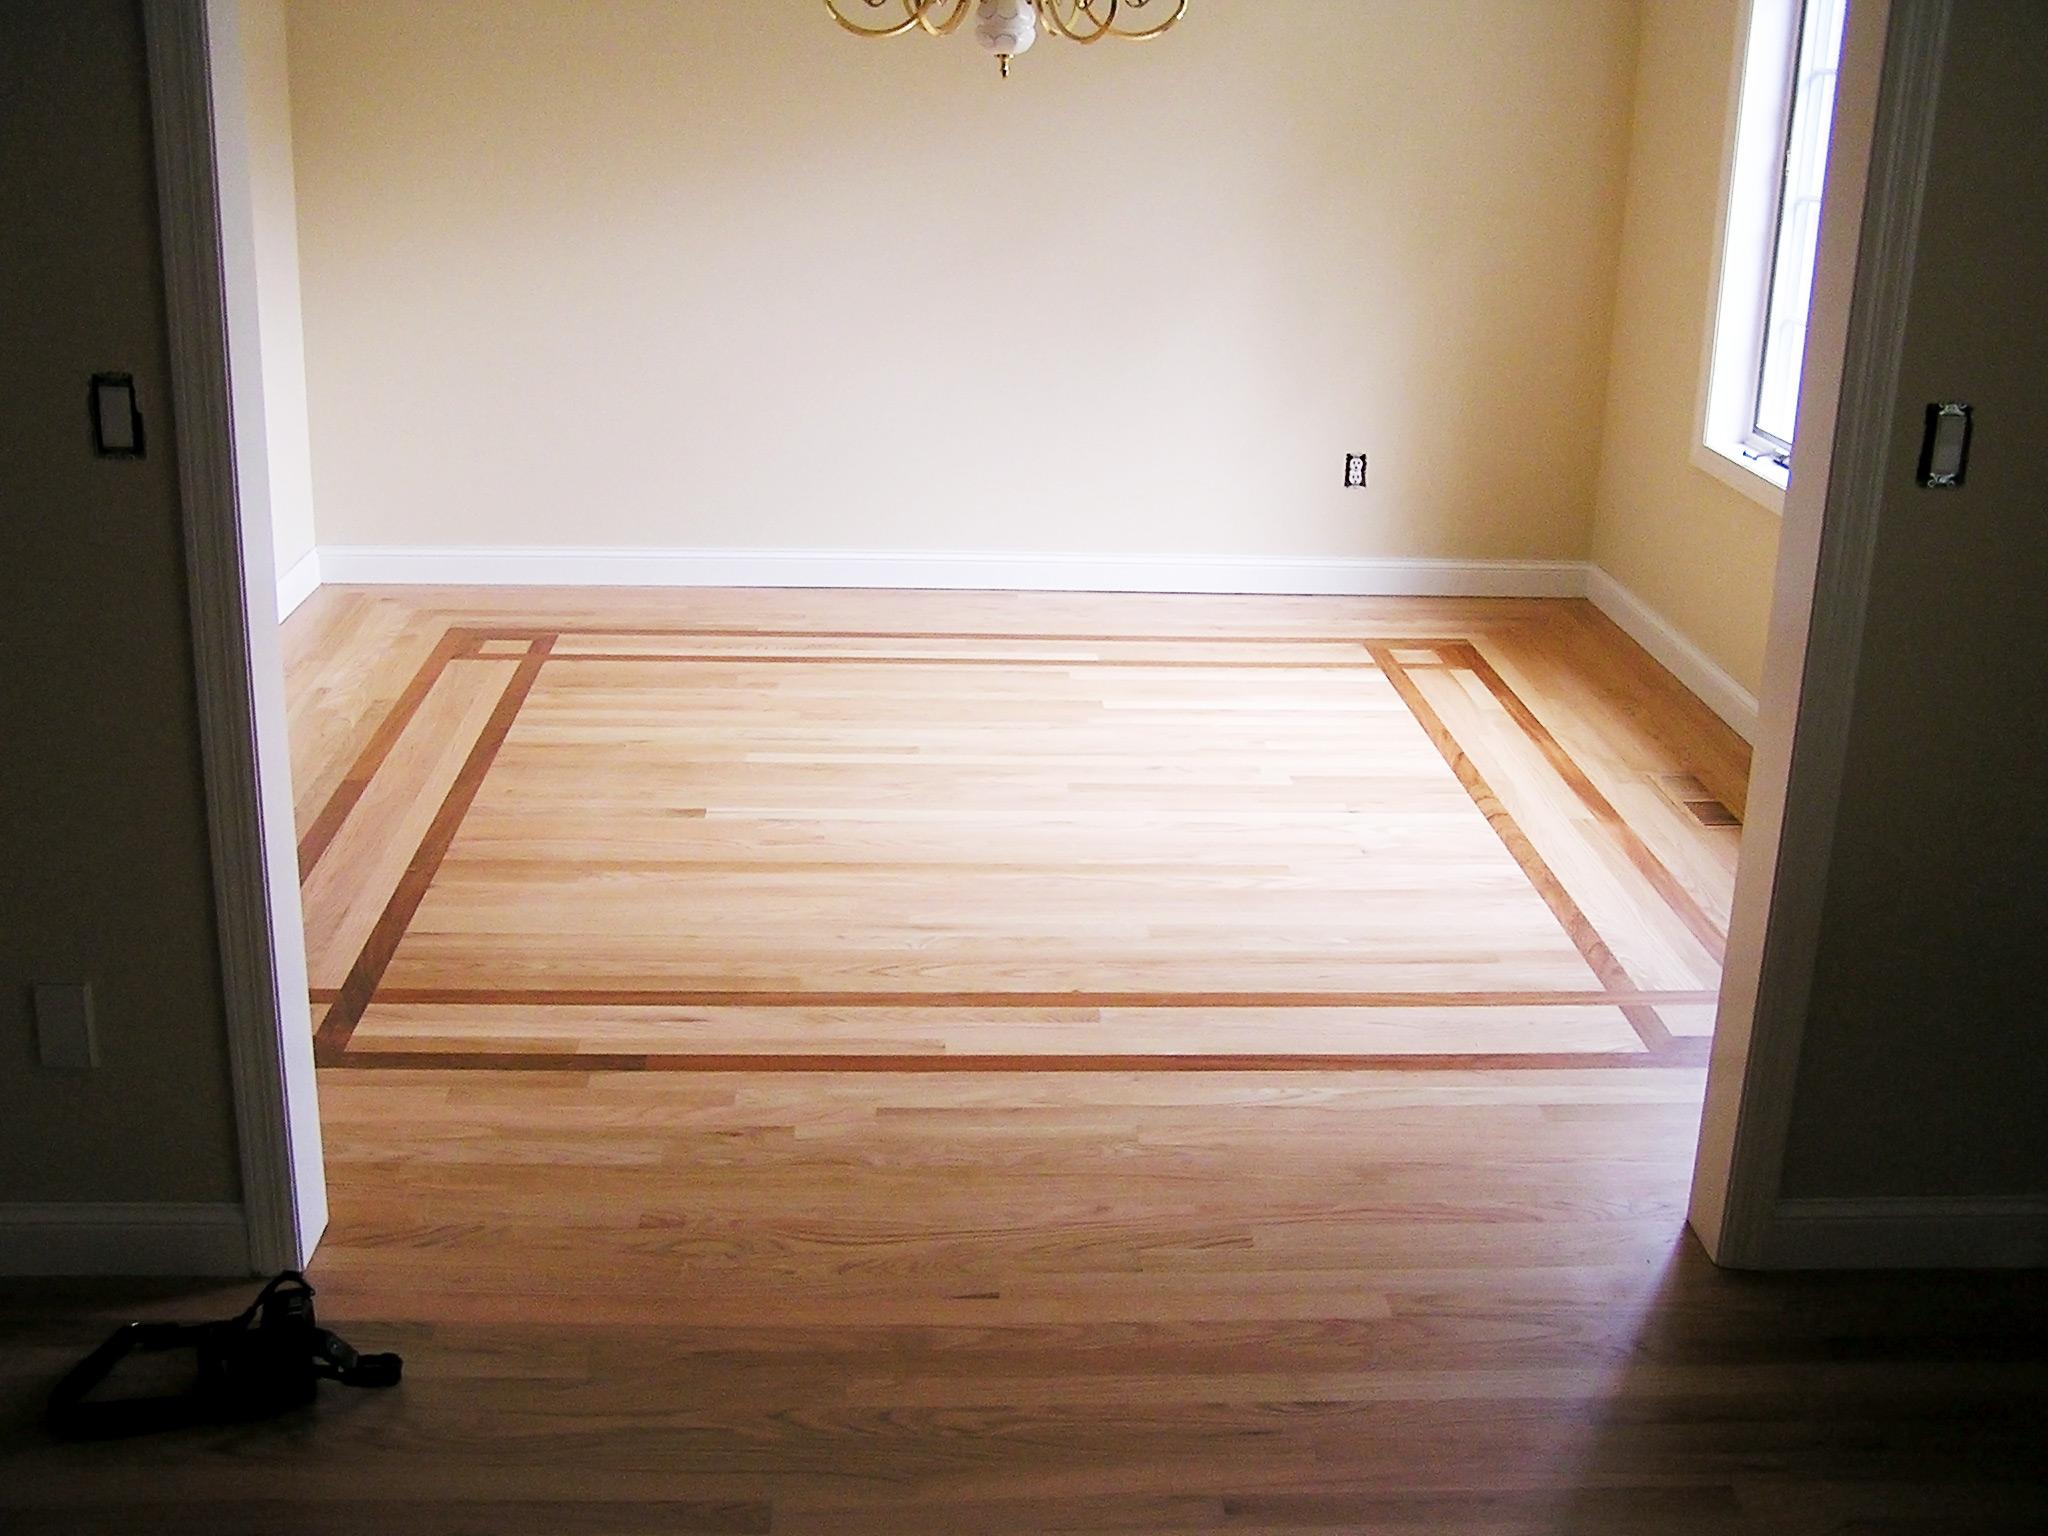 Hardwood Floor & Bamboo Flooring Installation in Dunn County